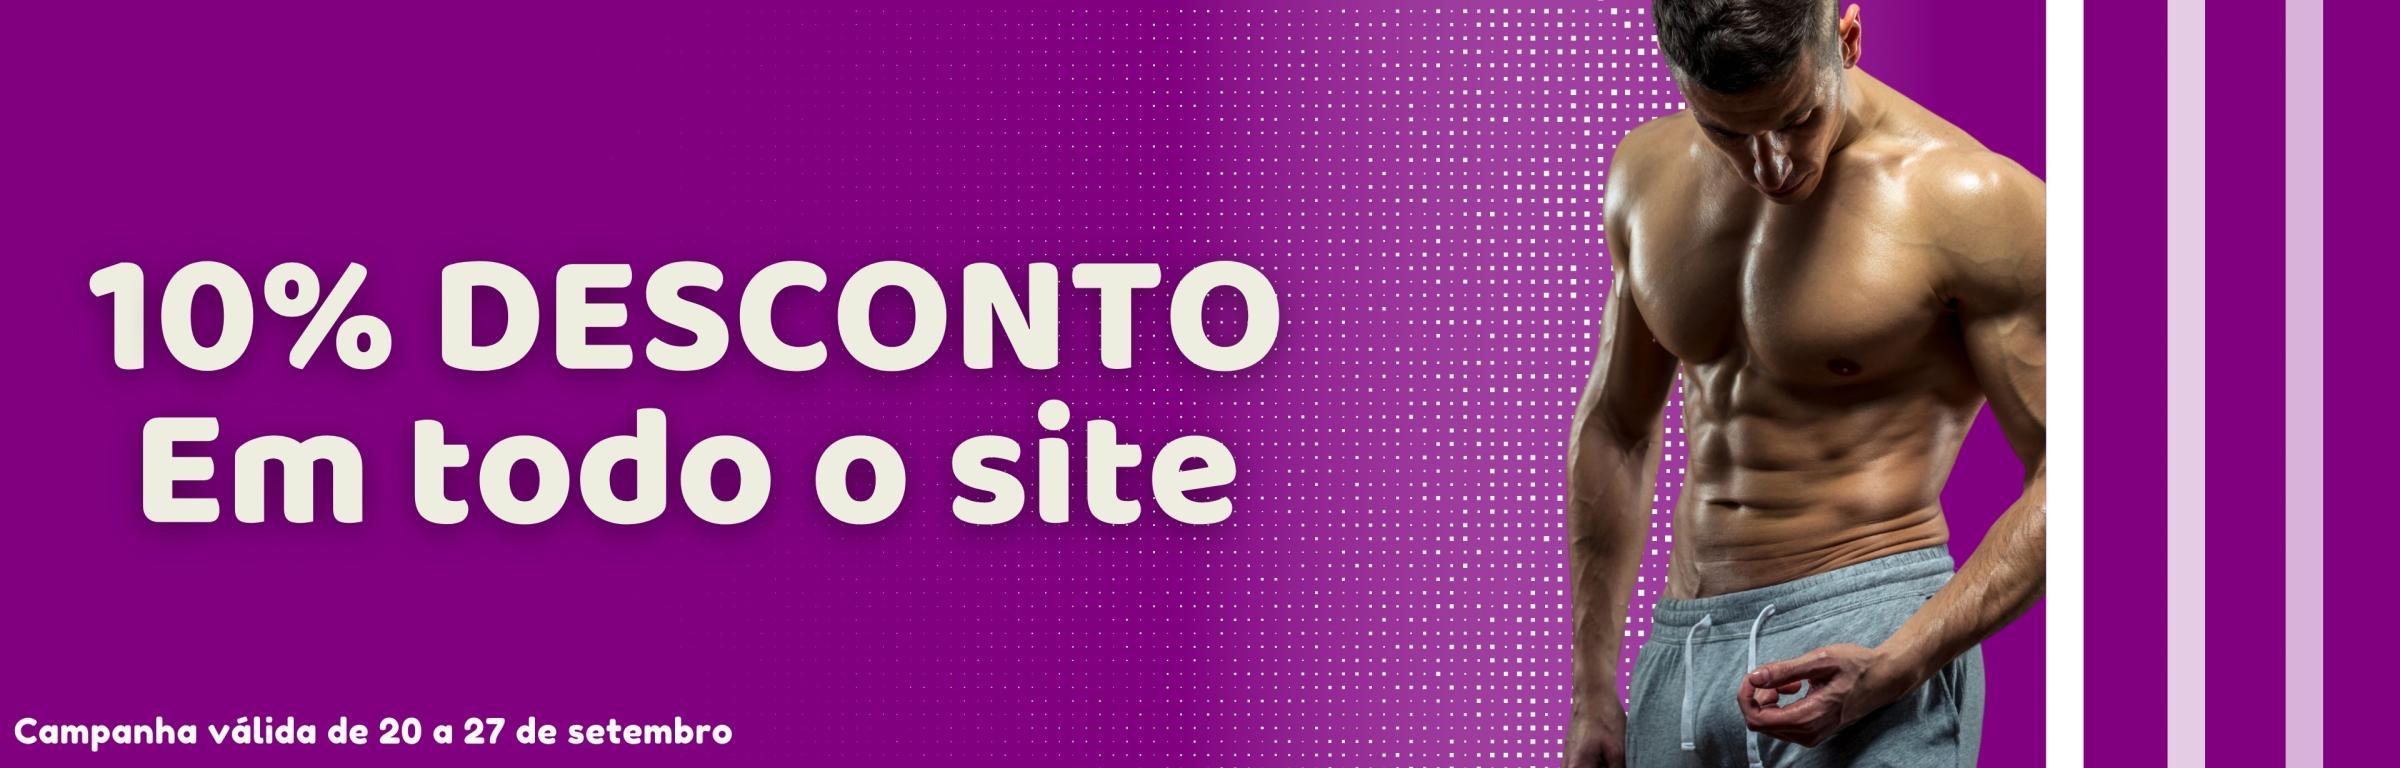 20 a 27 setembro - todo o site com 10% desconto - 20 a 27 - todo o site com 10% desconto